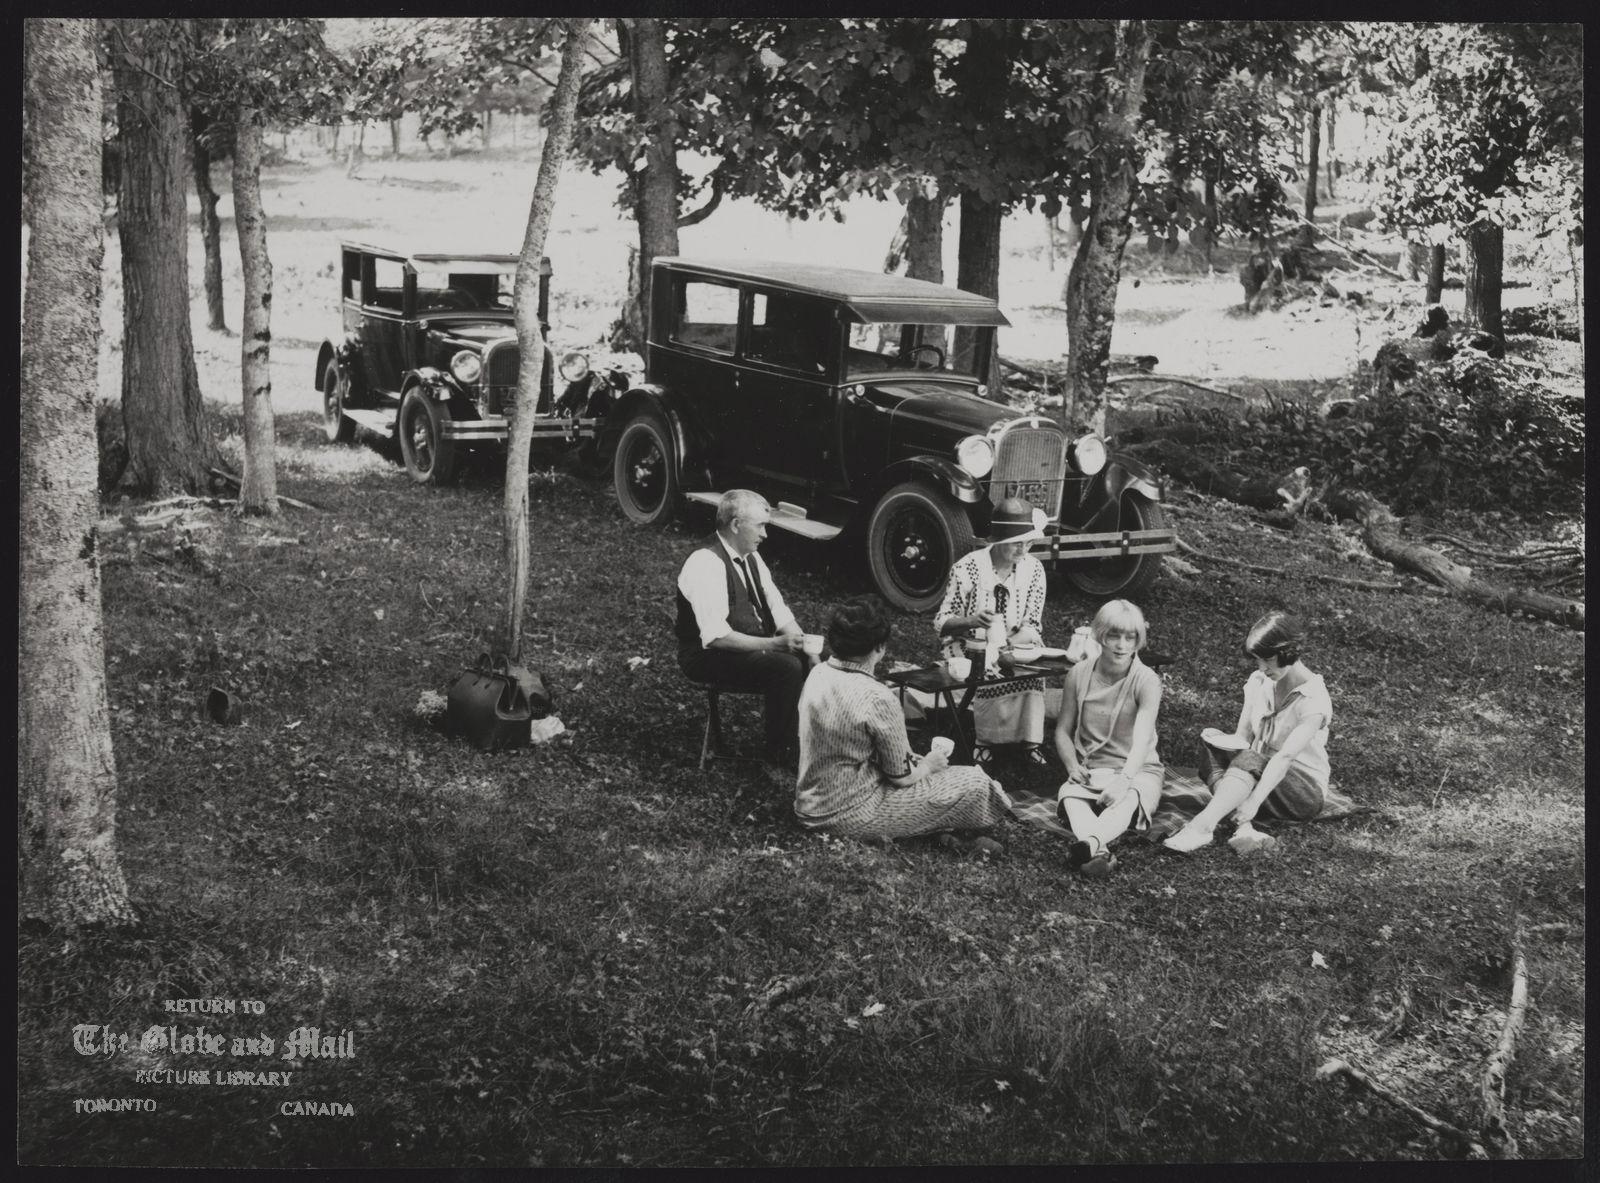 PICNICS Neg. 25214-02 Picnic at roadside near Port Carling 1925.